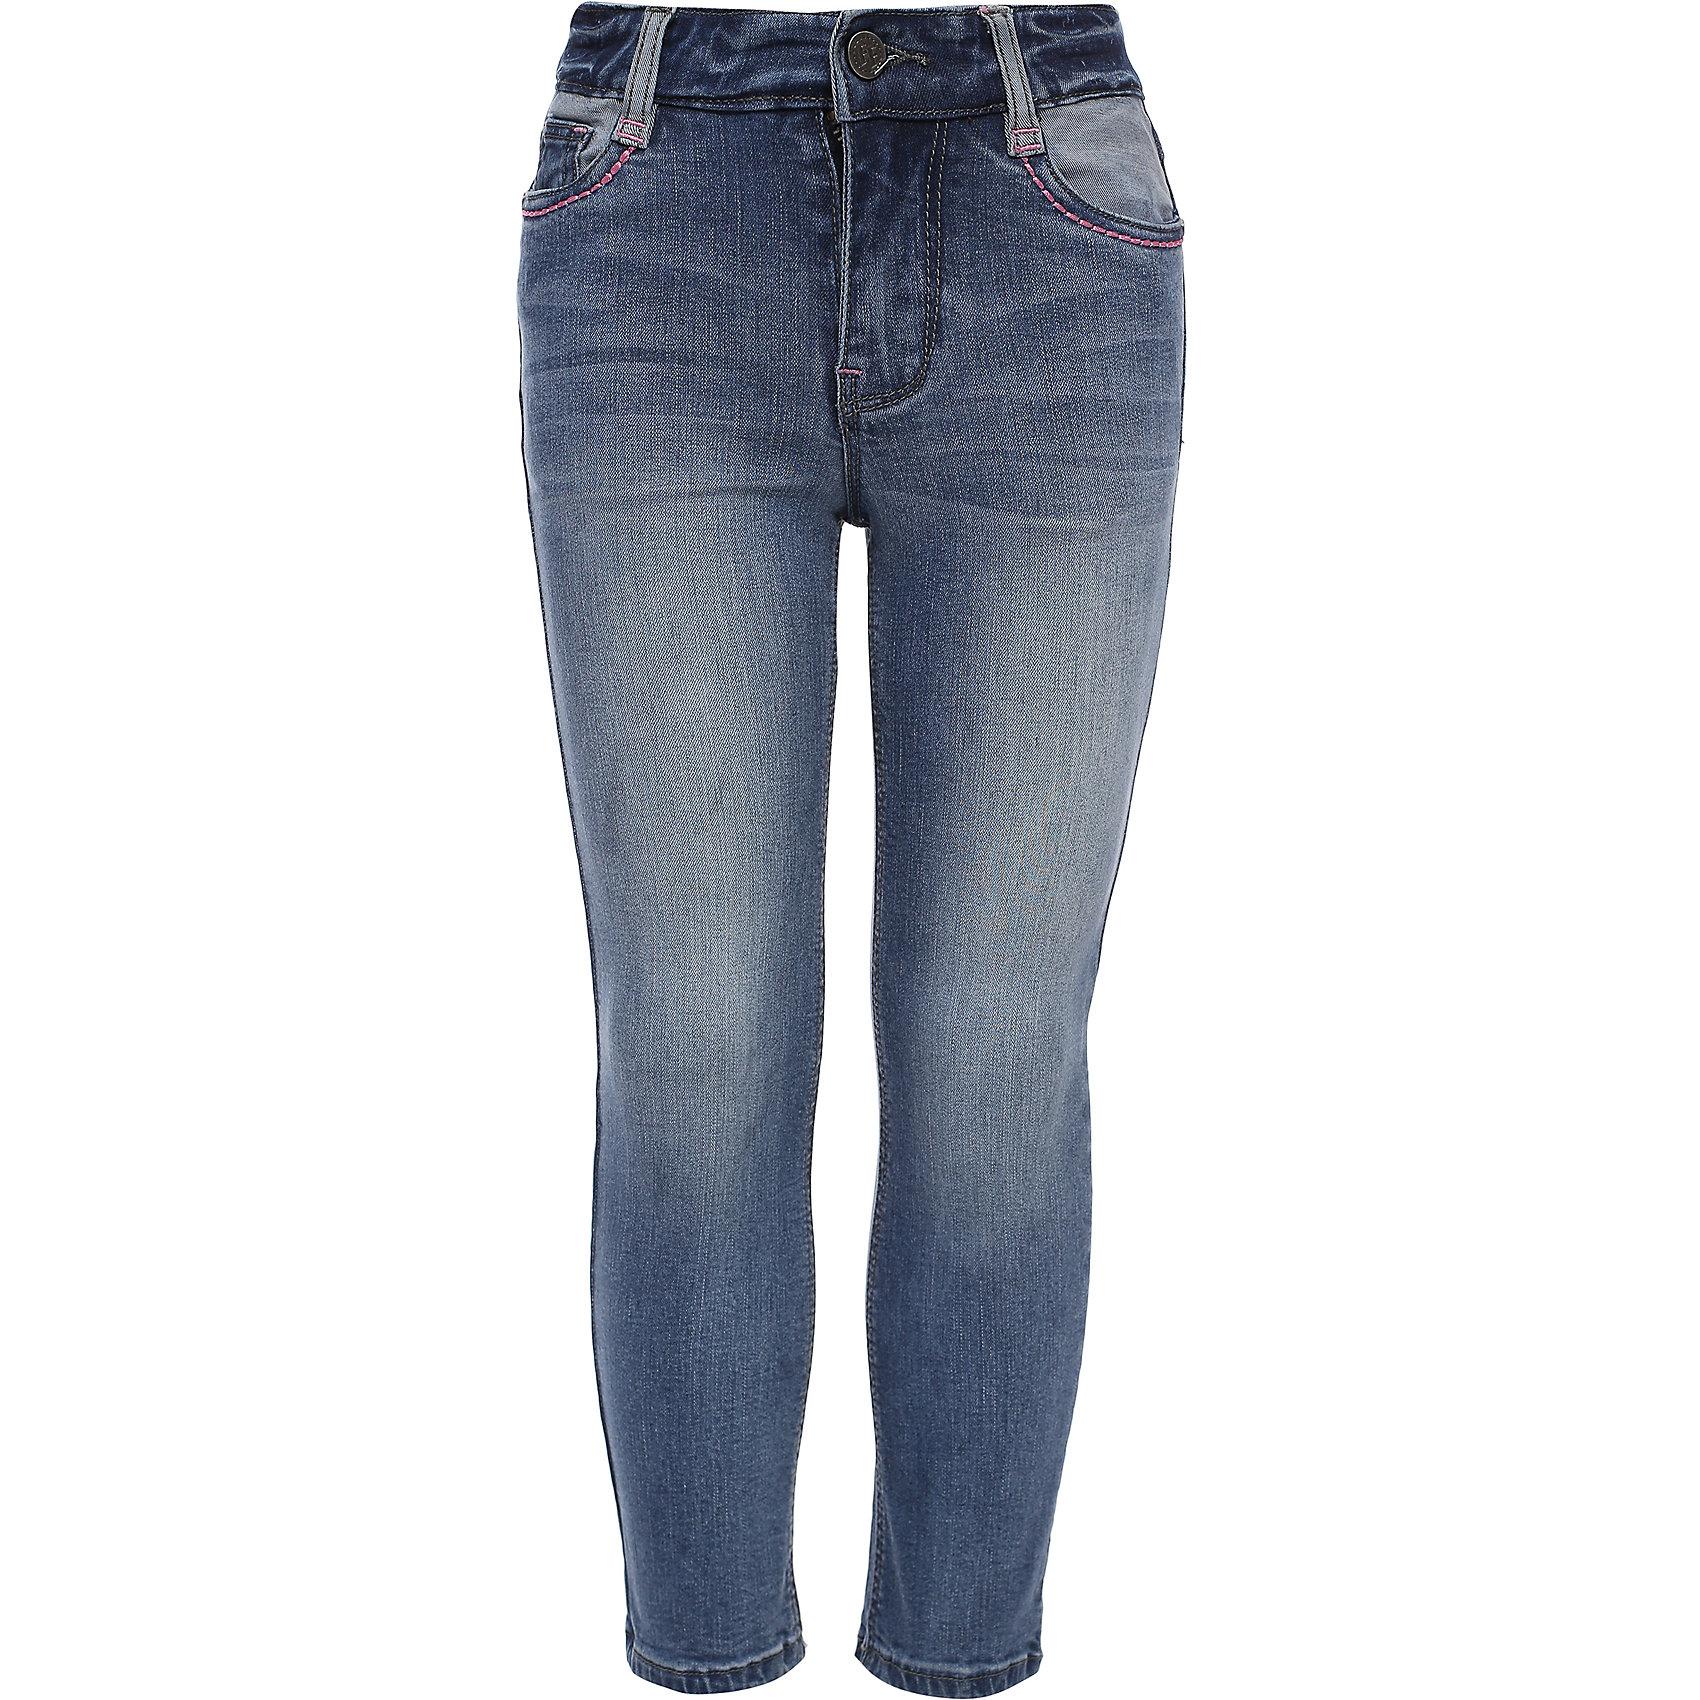 Брюки для девочки Finn FlareДжинсы<br>Брюки известной марки Finn Flare.<br><br>Узкие брюки для девочки стилизованы под джинсы, имеют карманы, застегиваются на молнию и пуговицу. Брюки можно подкатить – с окантовкой девочка будет модно выглядеть. Брюки имеют небольшую потертость, подчеркивающую стиль девочки. <br><br>Фактура материала: Деним<br>Вид застежки: Молния <br>Тип карманов: Втачные<br><br>Состав: 98% хлопок, 2% эластан<br><br>Брюки для девочки Finn Flare можно купить в нашем интернет-магазине.<br><br>Ширина мм: 215<br>Глубина мм: 88<br>Высота мм: 191<br>Вес г: 336<br>Цвет: голубой<br>Возраст от месяцев: 48<br>Возраст до месяцев: 60<br>Пол: Женский<br>Возраст: Детский<br>Размер: 110<br>SKU: 4890090